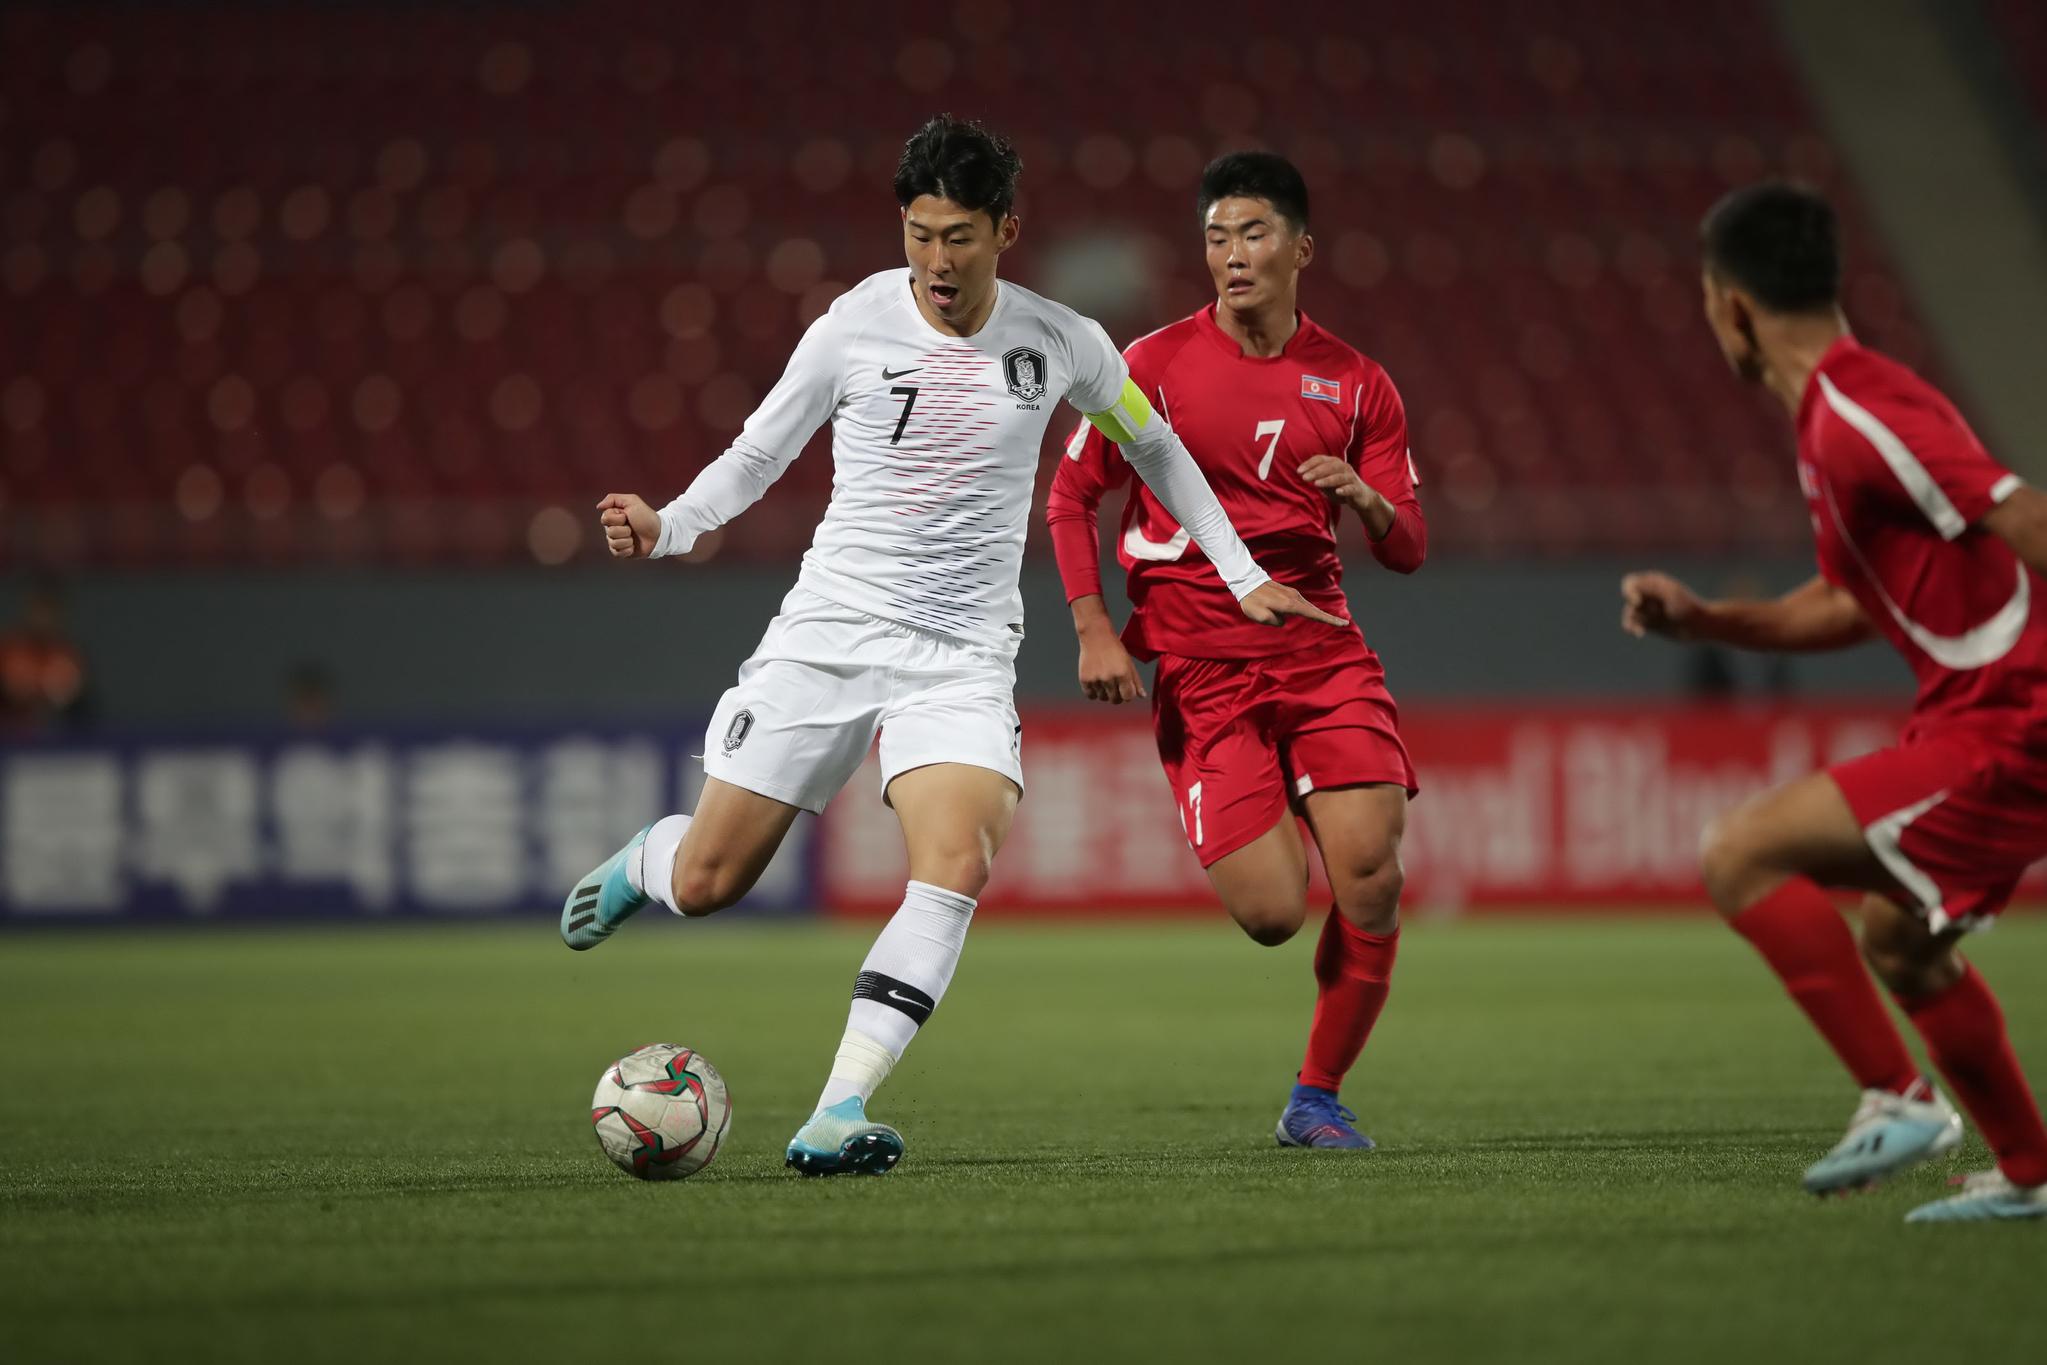 한국 손흥민과 북한 한광성이 지난해 10월15일 평양에서 열린 월드컵 예선에서 만났다. 북한은 6월 한국에서 열리는 리턴매치에 불참할 가능성도 있다. [사진 대한축구협회]